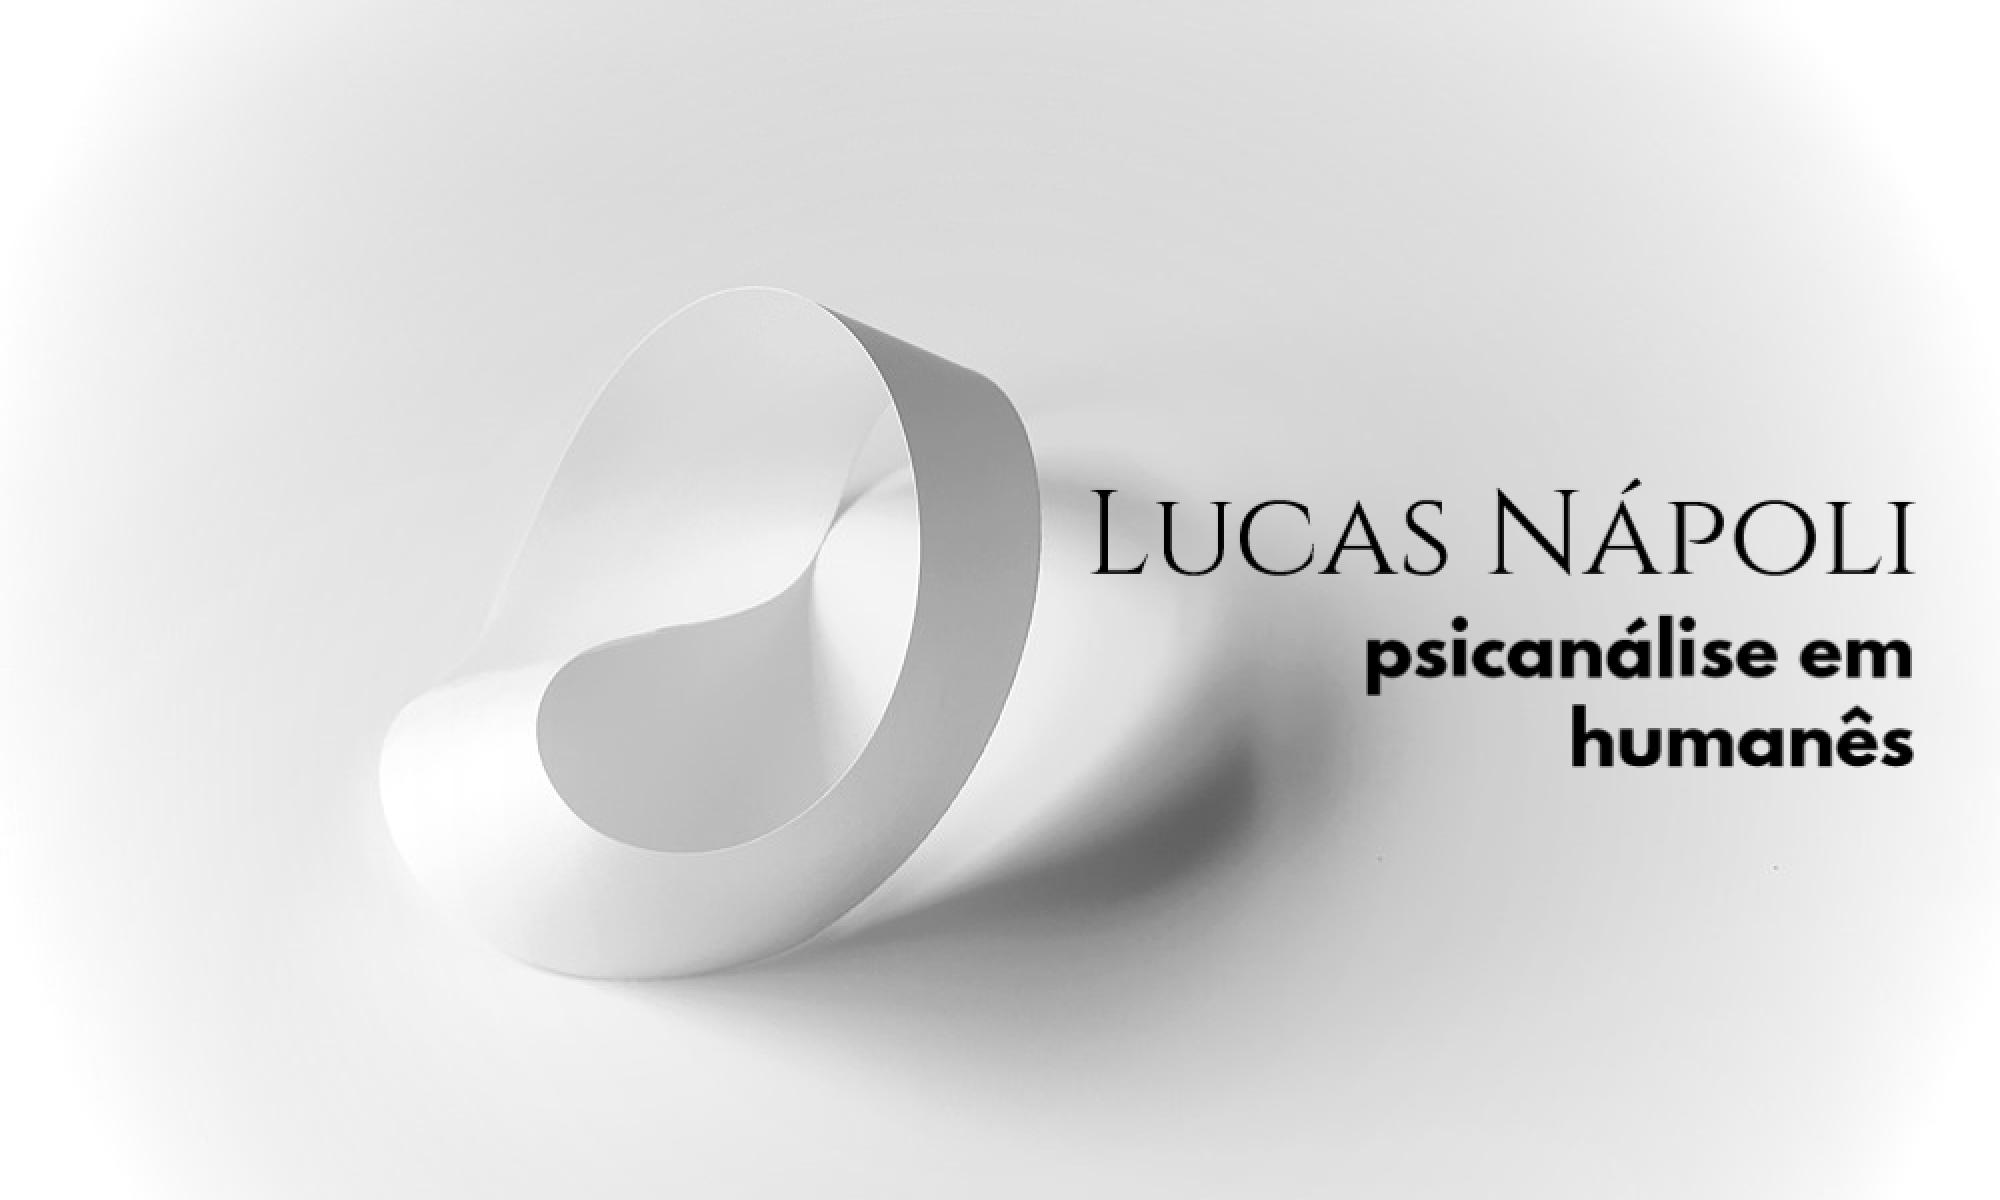 Lucas Nápoli